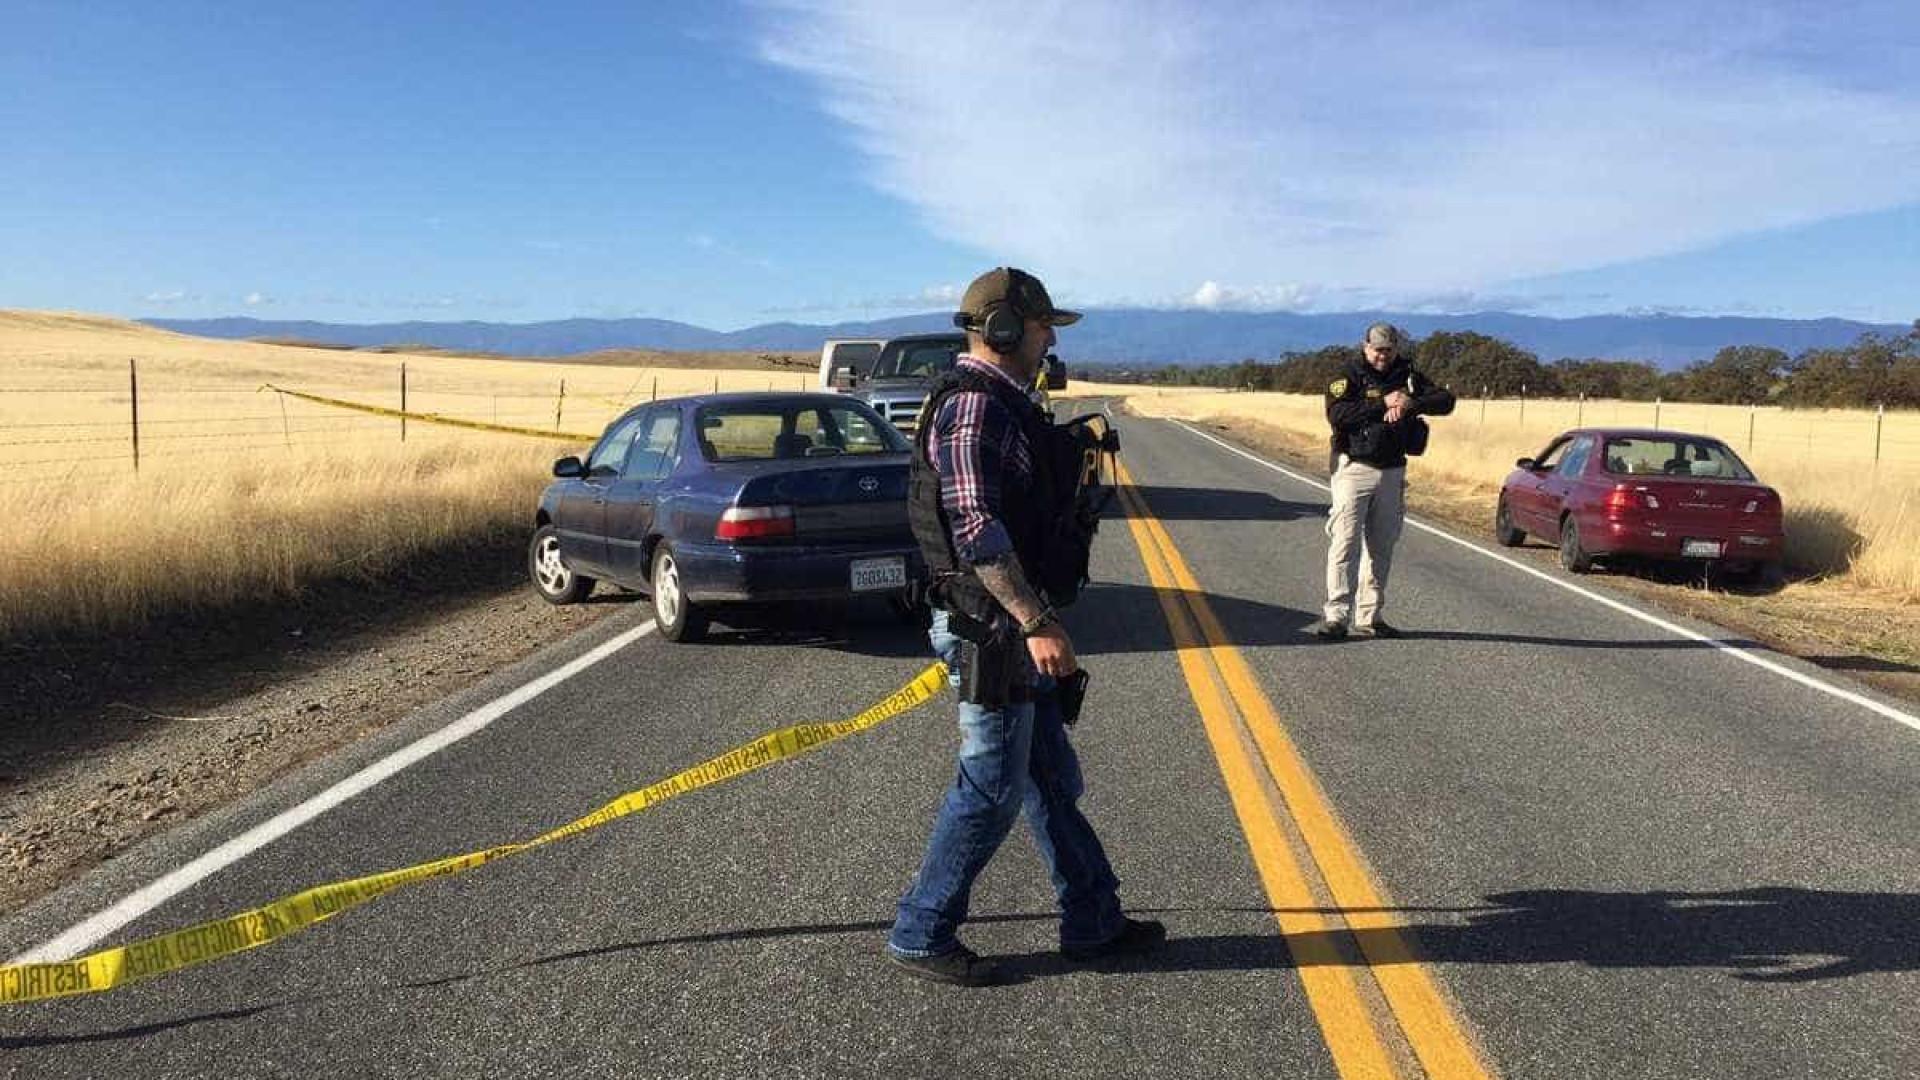 Atirador mata três pessoas num rancho e dispara sobre escola nos EUA